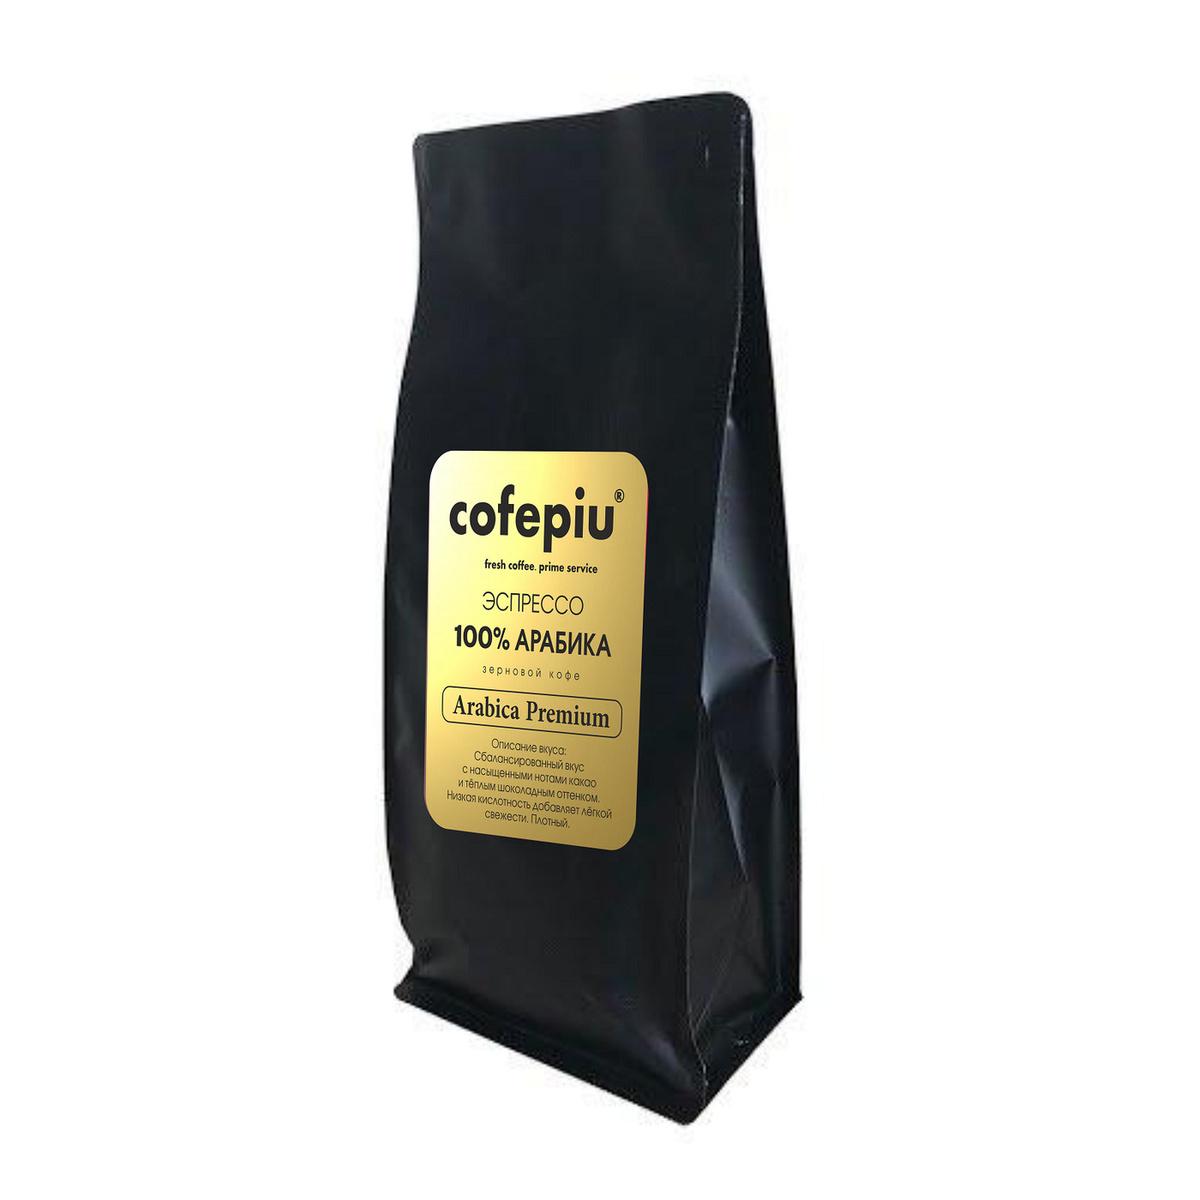 Кофе в зернах COFEPIU espresso Arabica Premium, 1 кг. #1